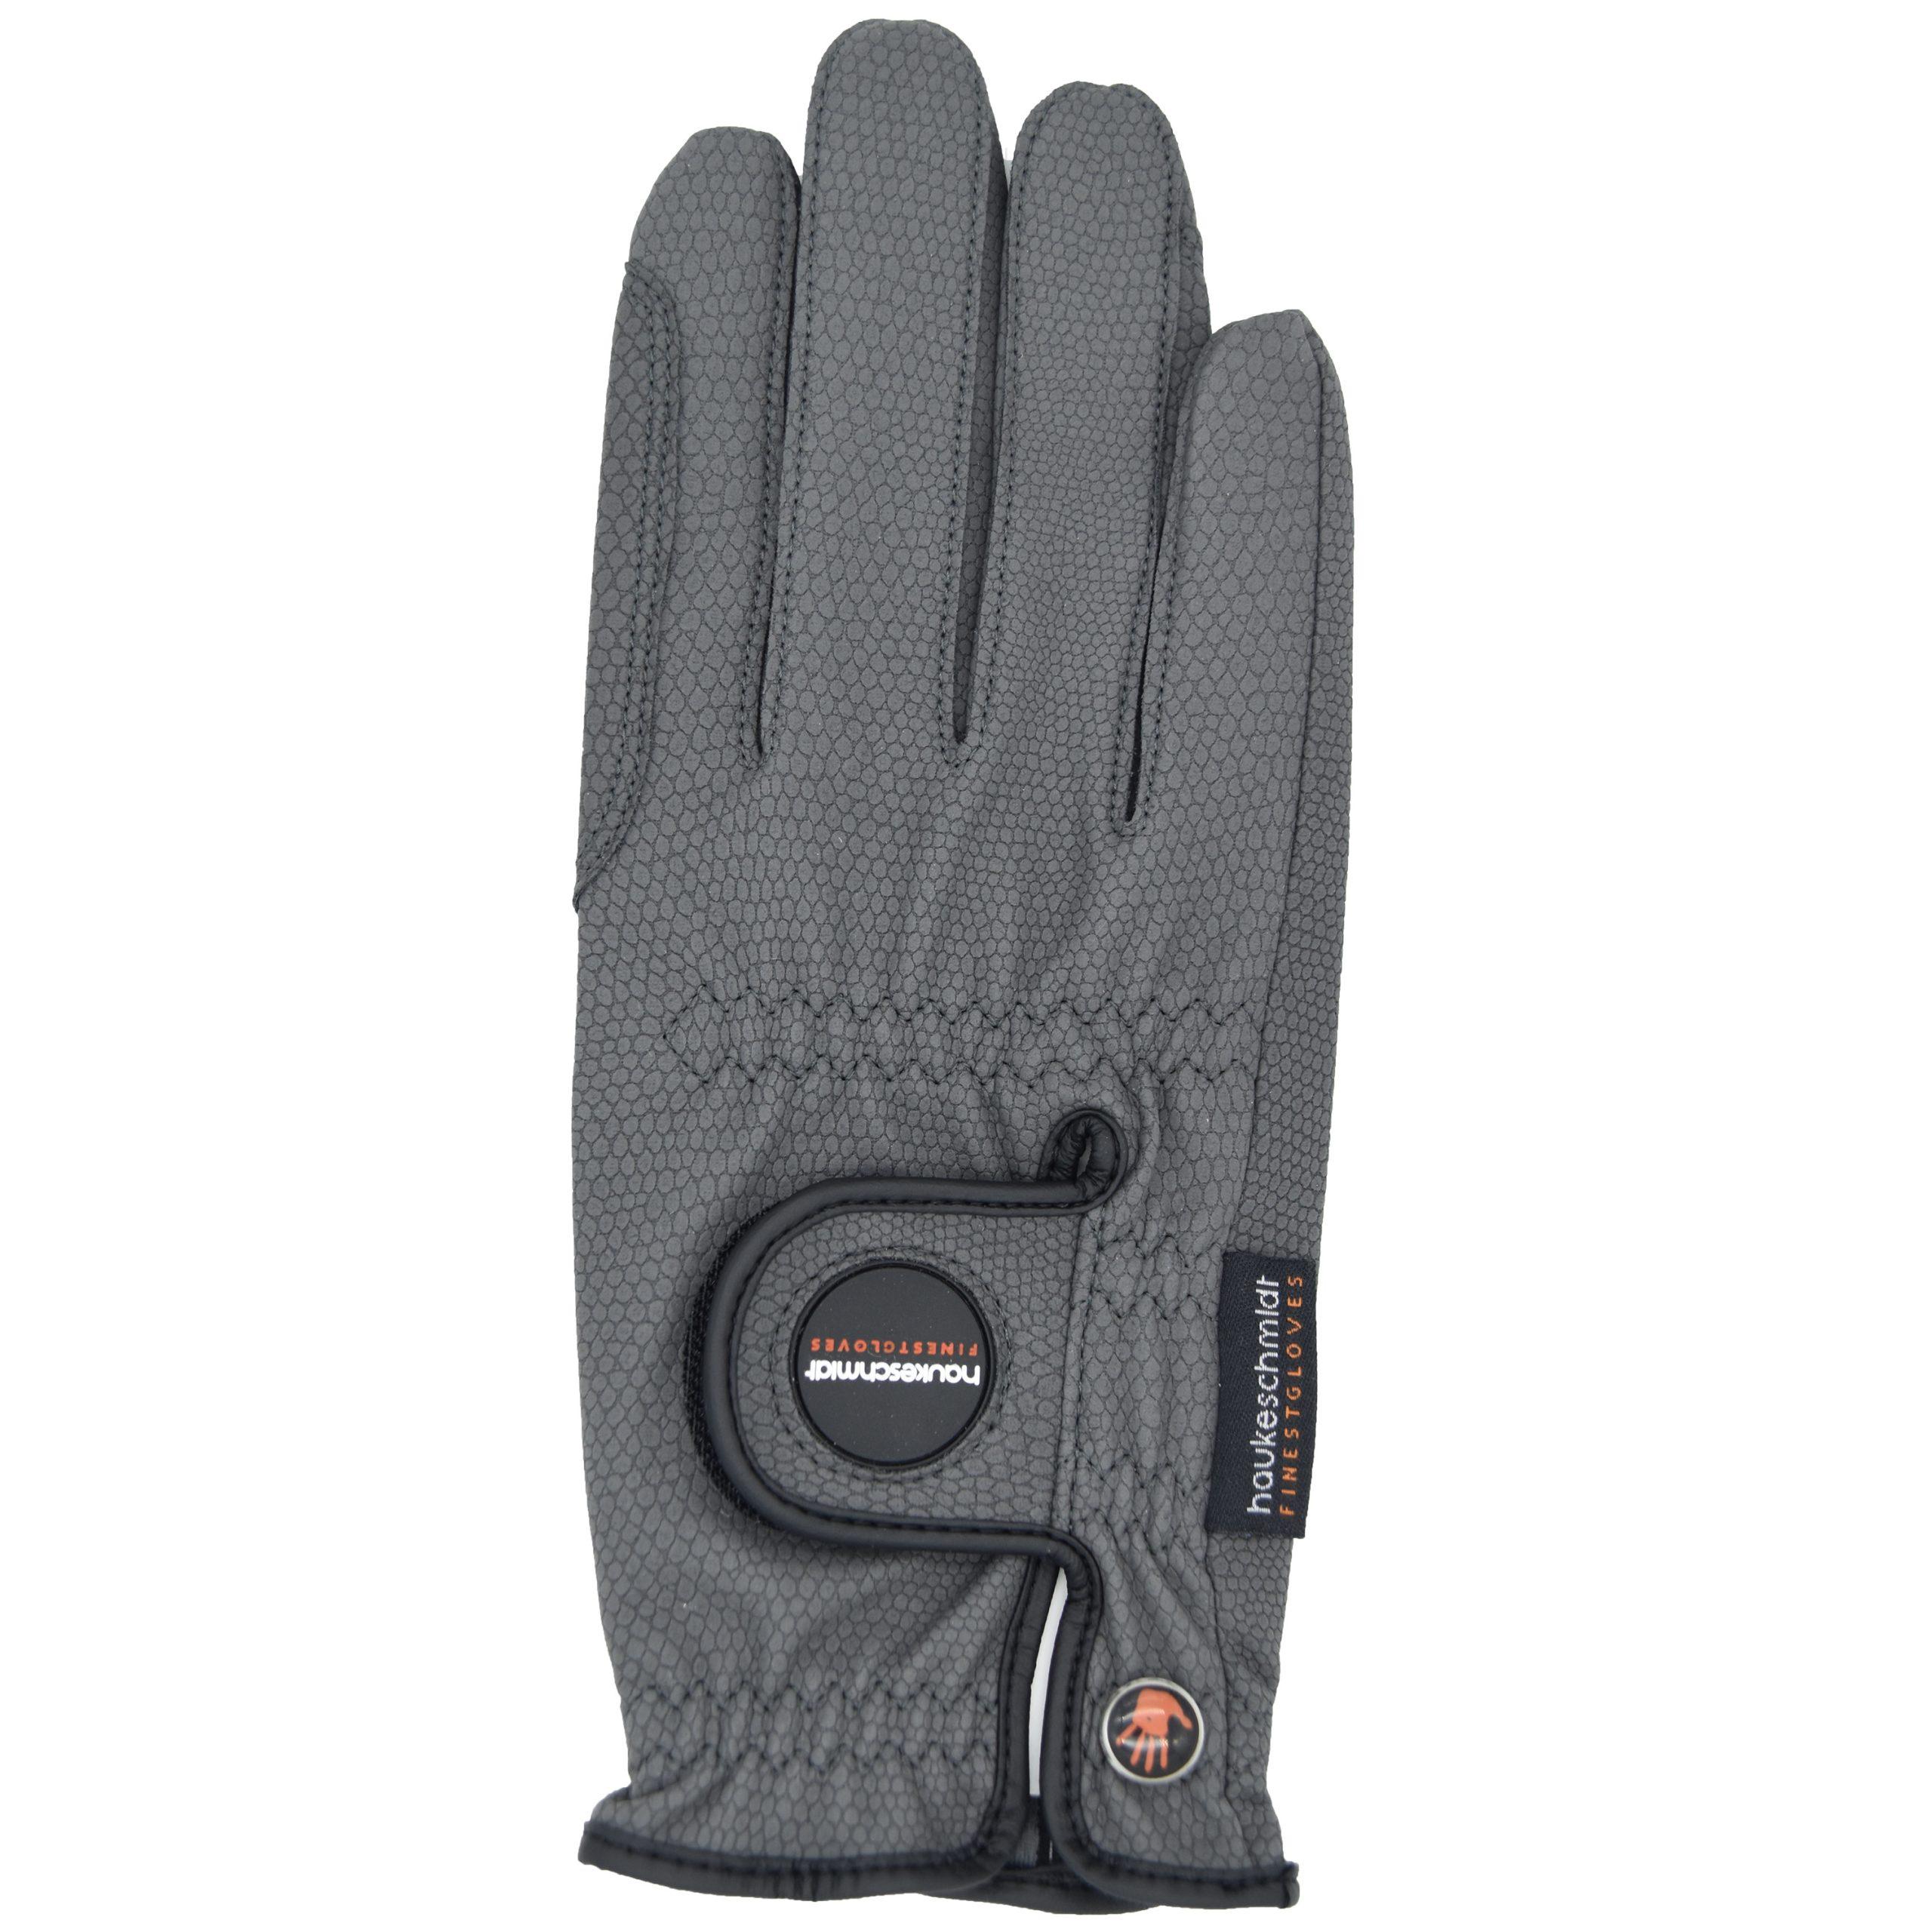 Hauke Schmidt Handschuh A Touch Of Class Grau